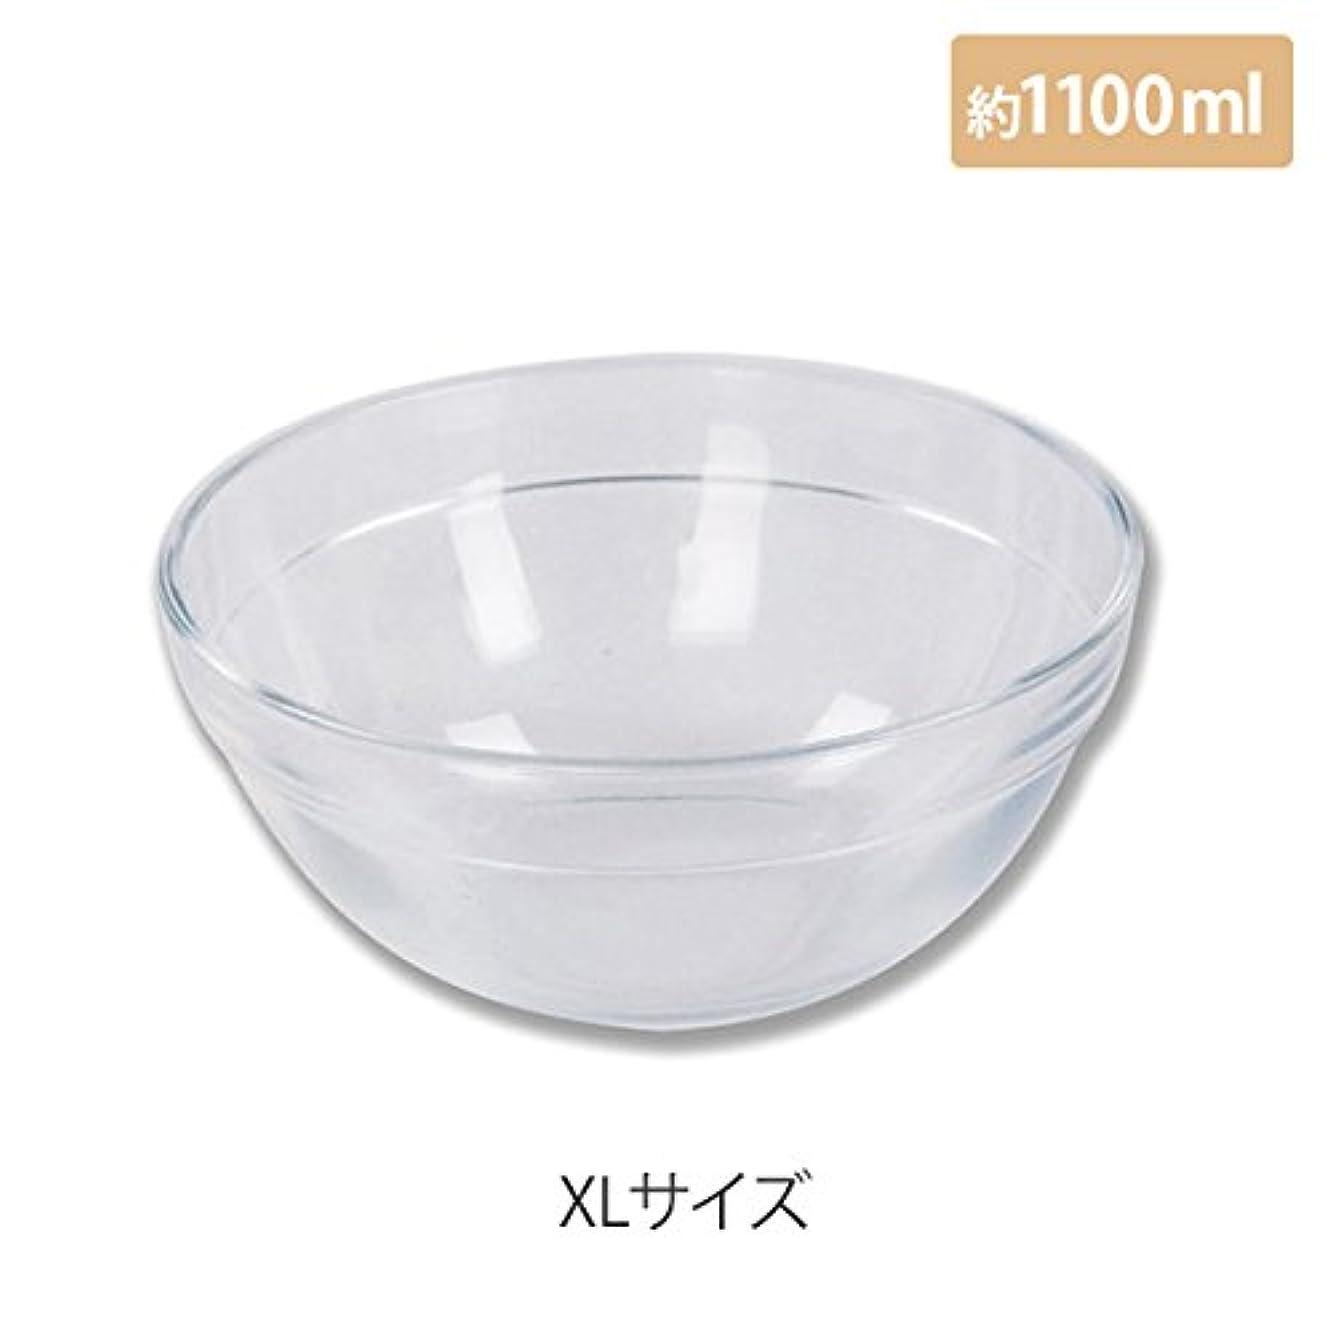 正当なスペクトラム魂マイスター プラスティックボウル (XLサイズ) クリア 直径20cm [ プラスチックボール カップボウル カップボール エステ サロン プラスチック ボウル カップ 割れない ]